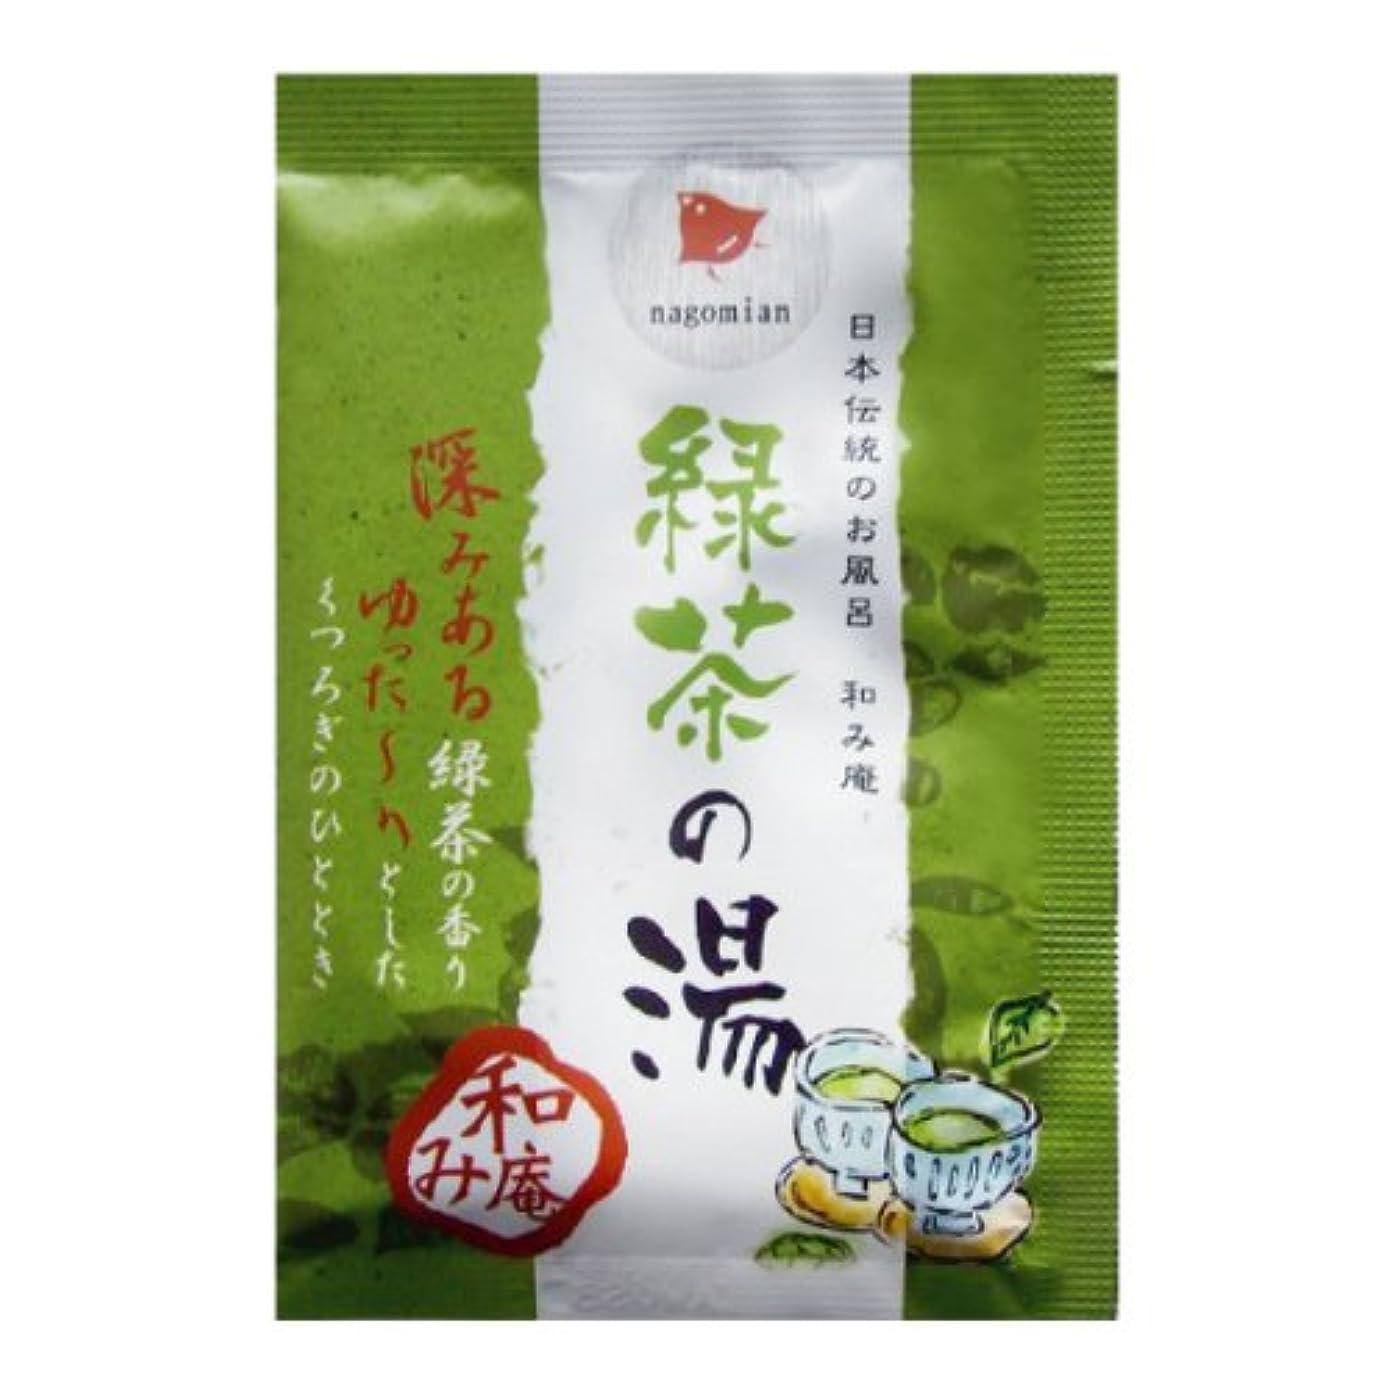 派生する故障中乳製品日本伝統のお風呂 和み庵 緑茶の湯 200包